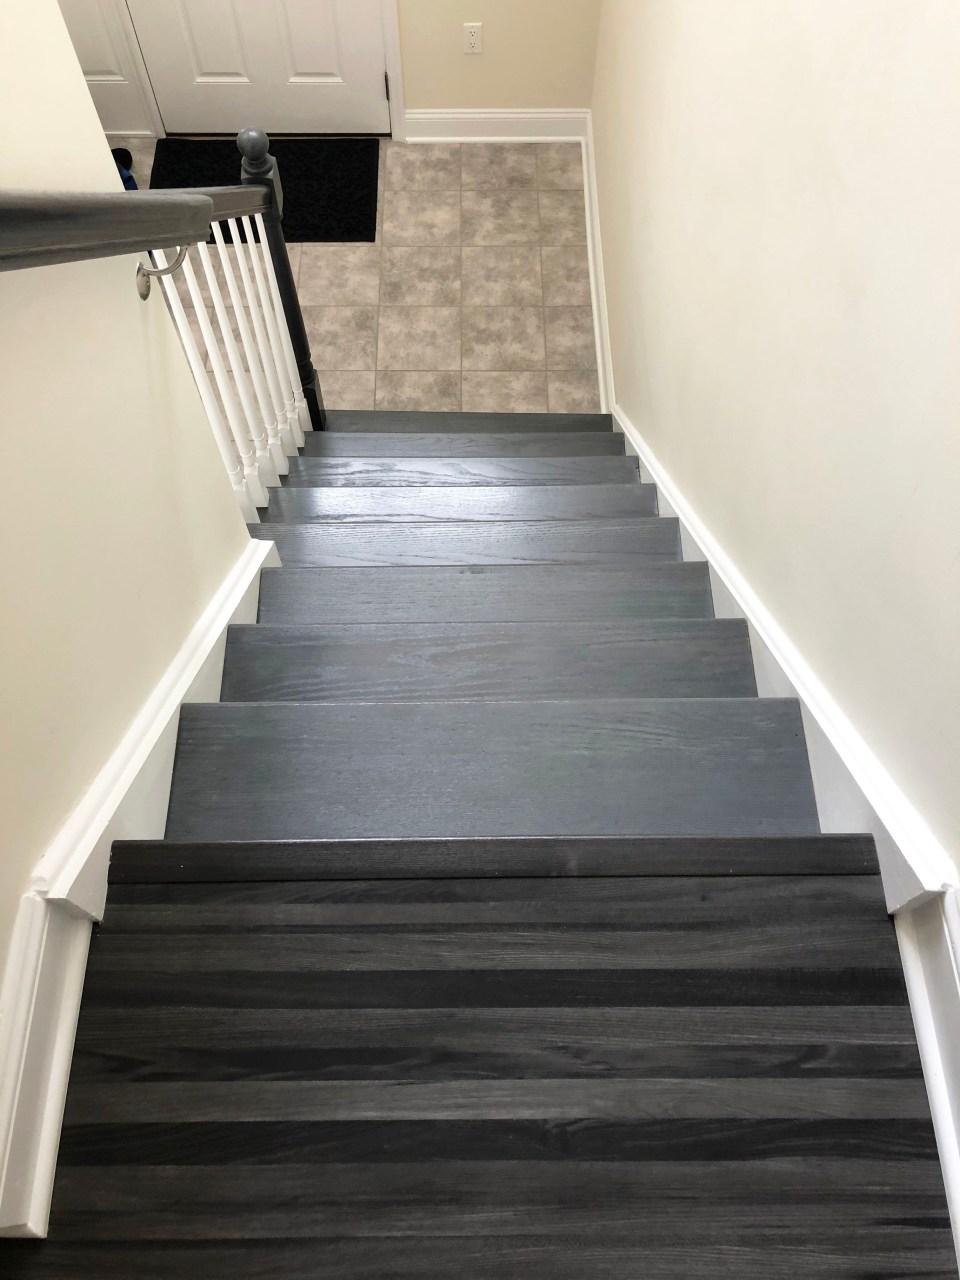 Foyer - Stairs Update 25